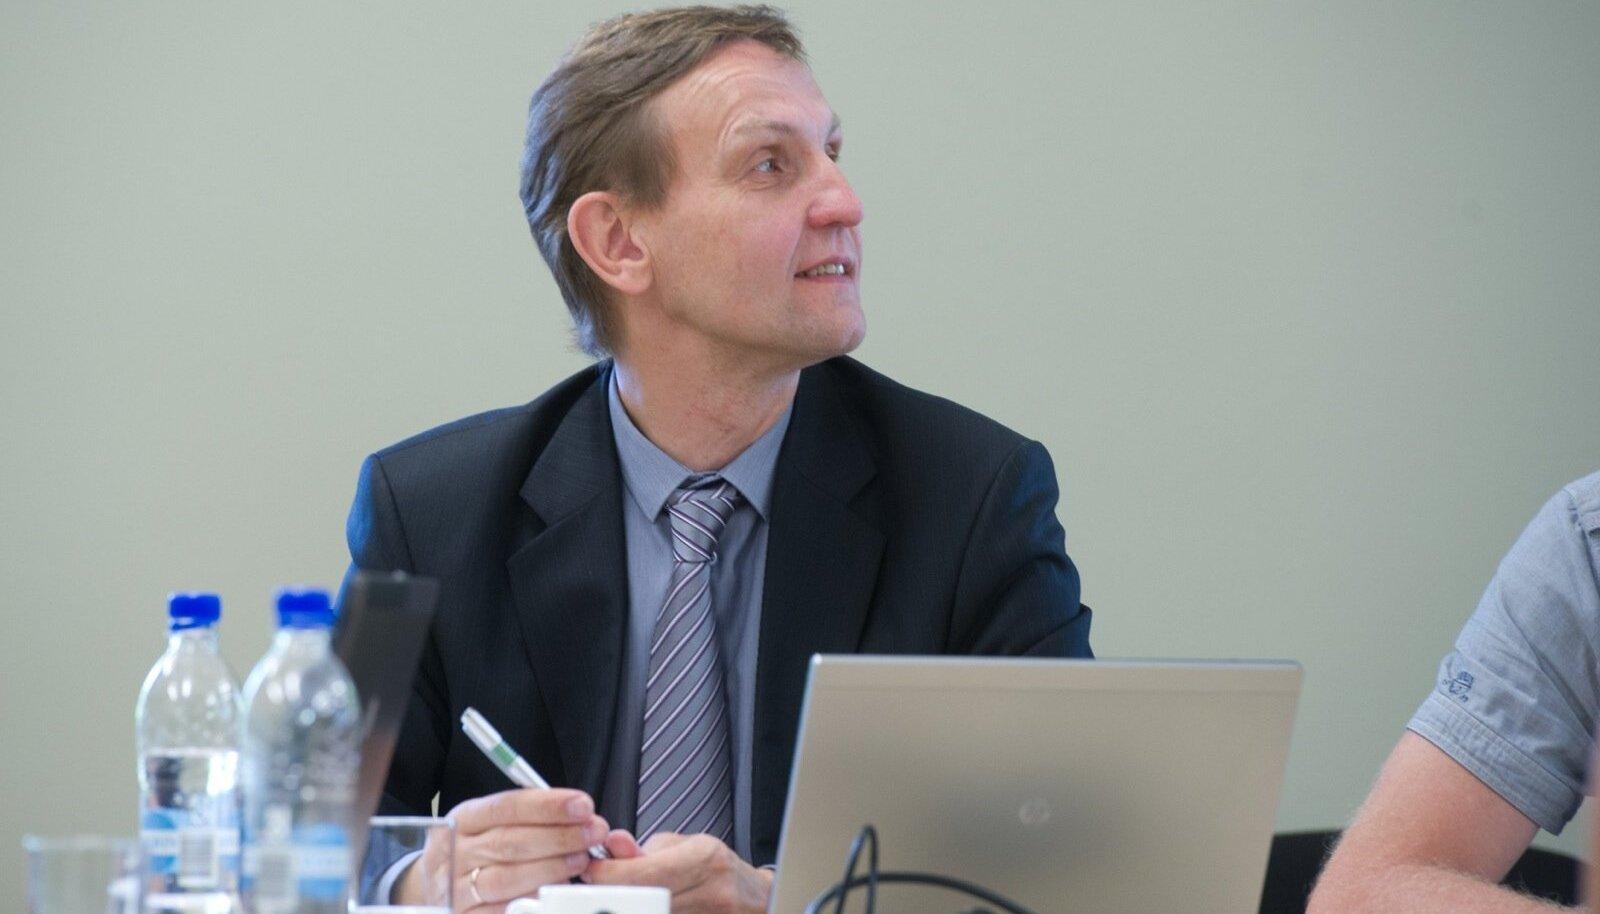 Ardo Ojasalu loodab, et ettevõtjate privaatsusesoovi austatakse.